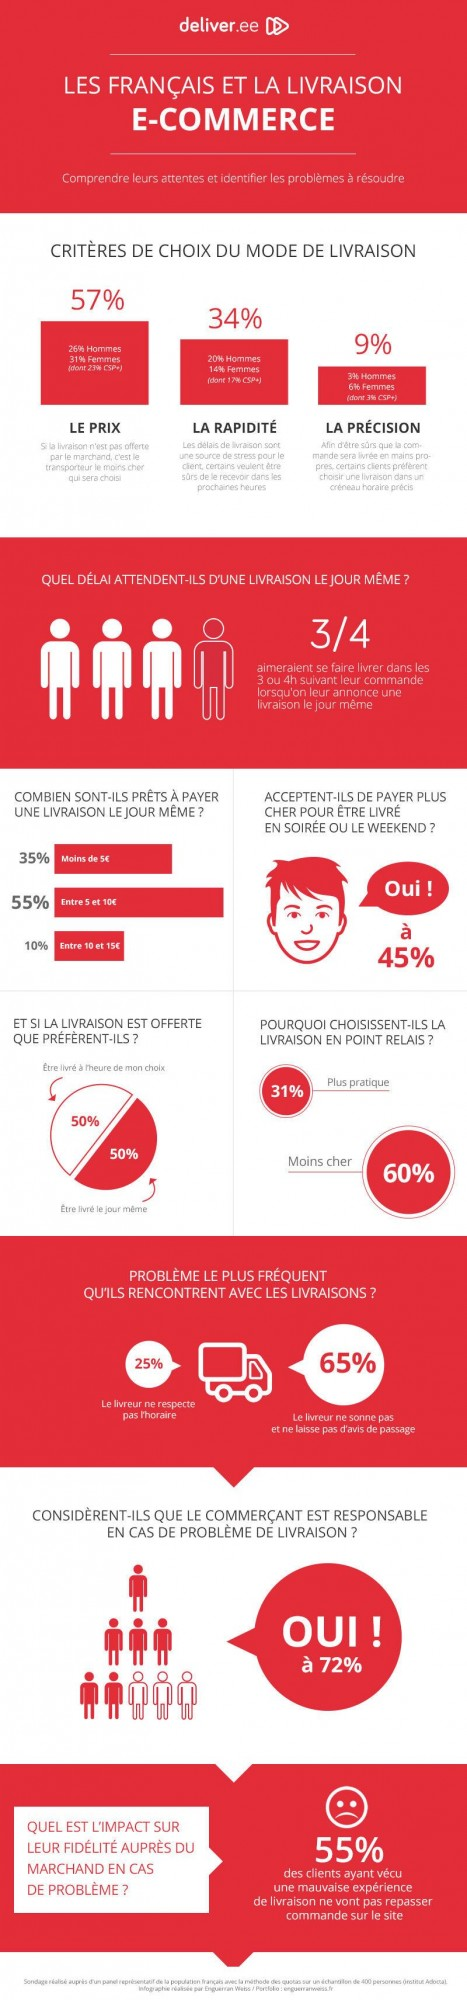 infographie-livraison-ecommerce-2014